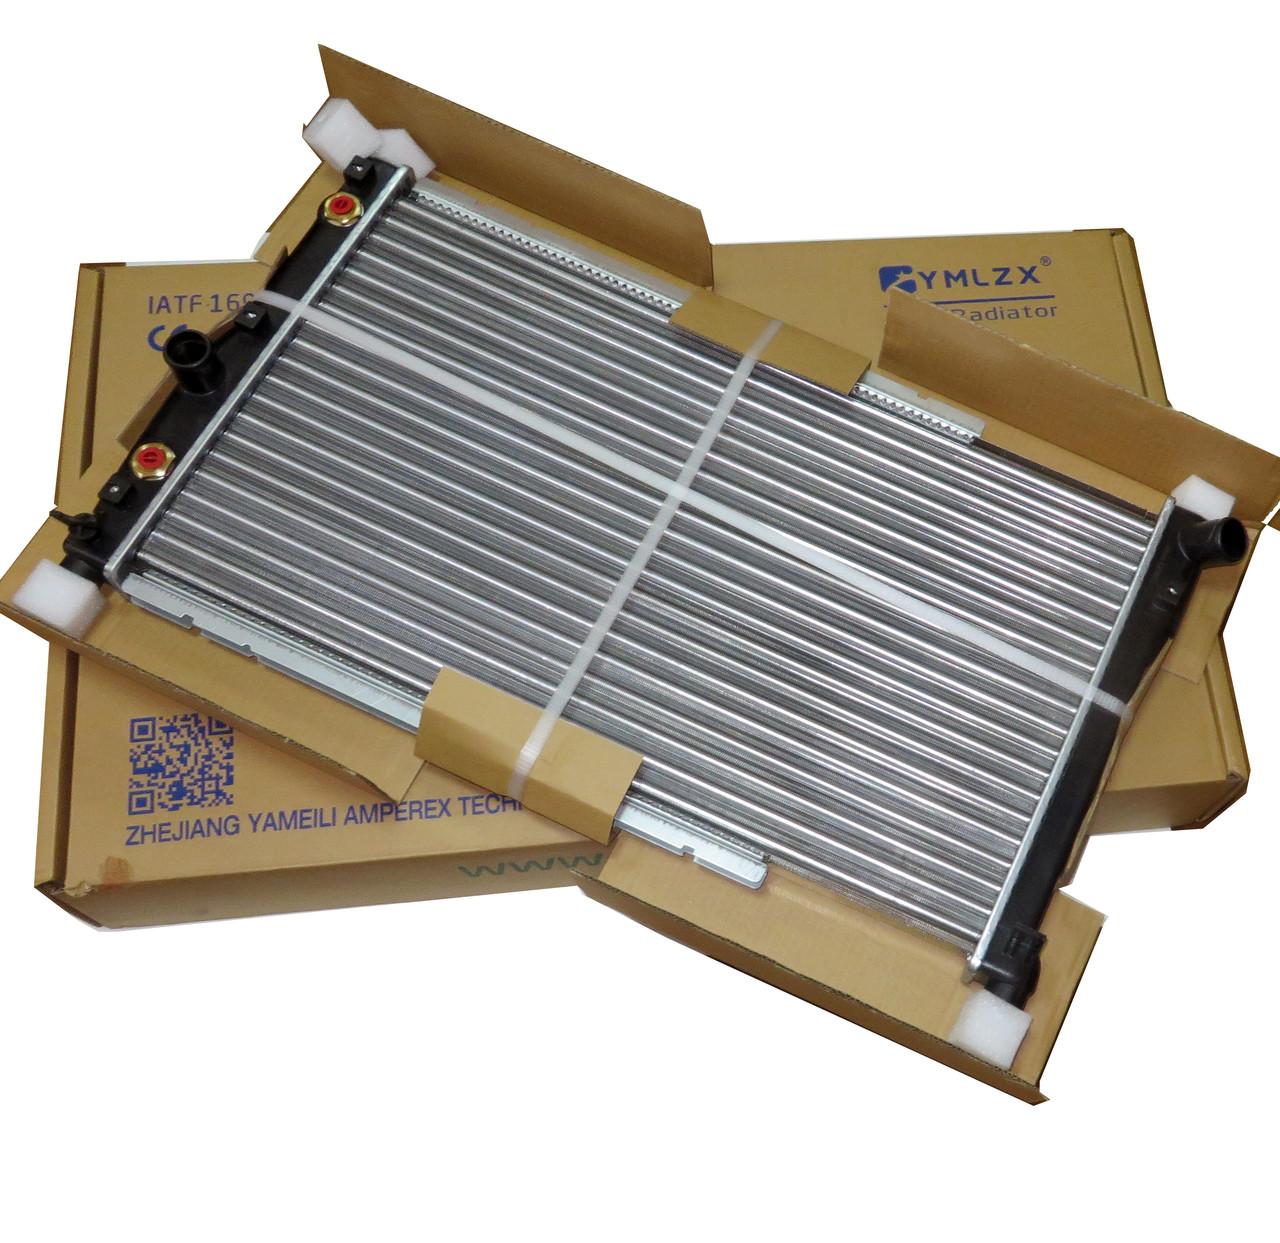 Радиатор основной Нубира 97, Леганза АКПП YMLZX, YML-R247, 96273594, 96351102